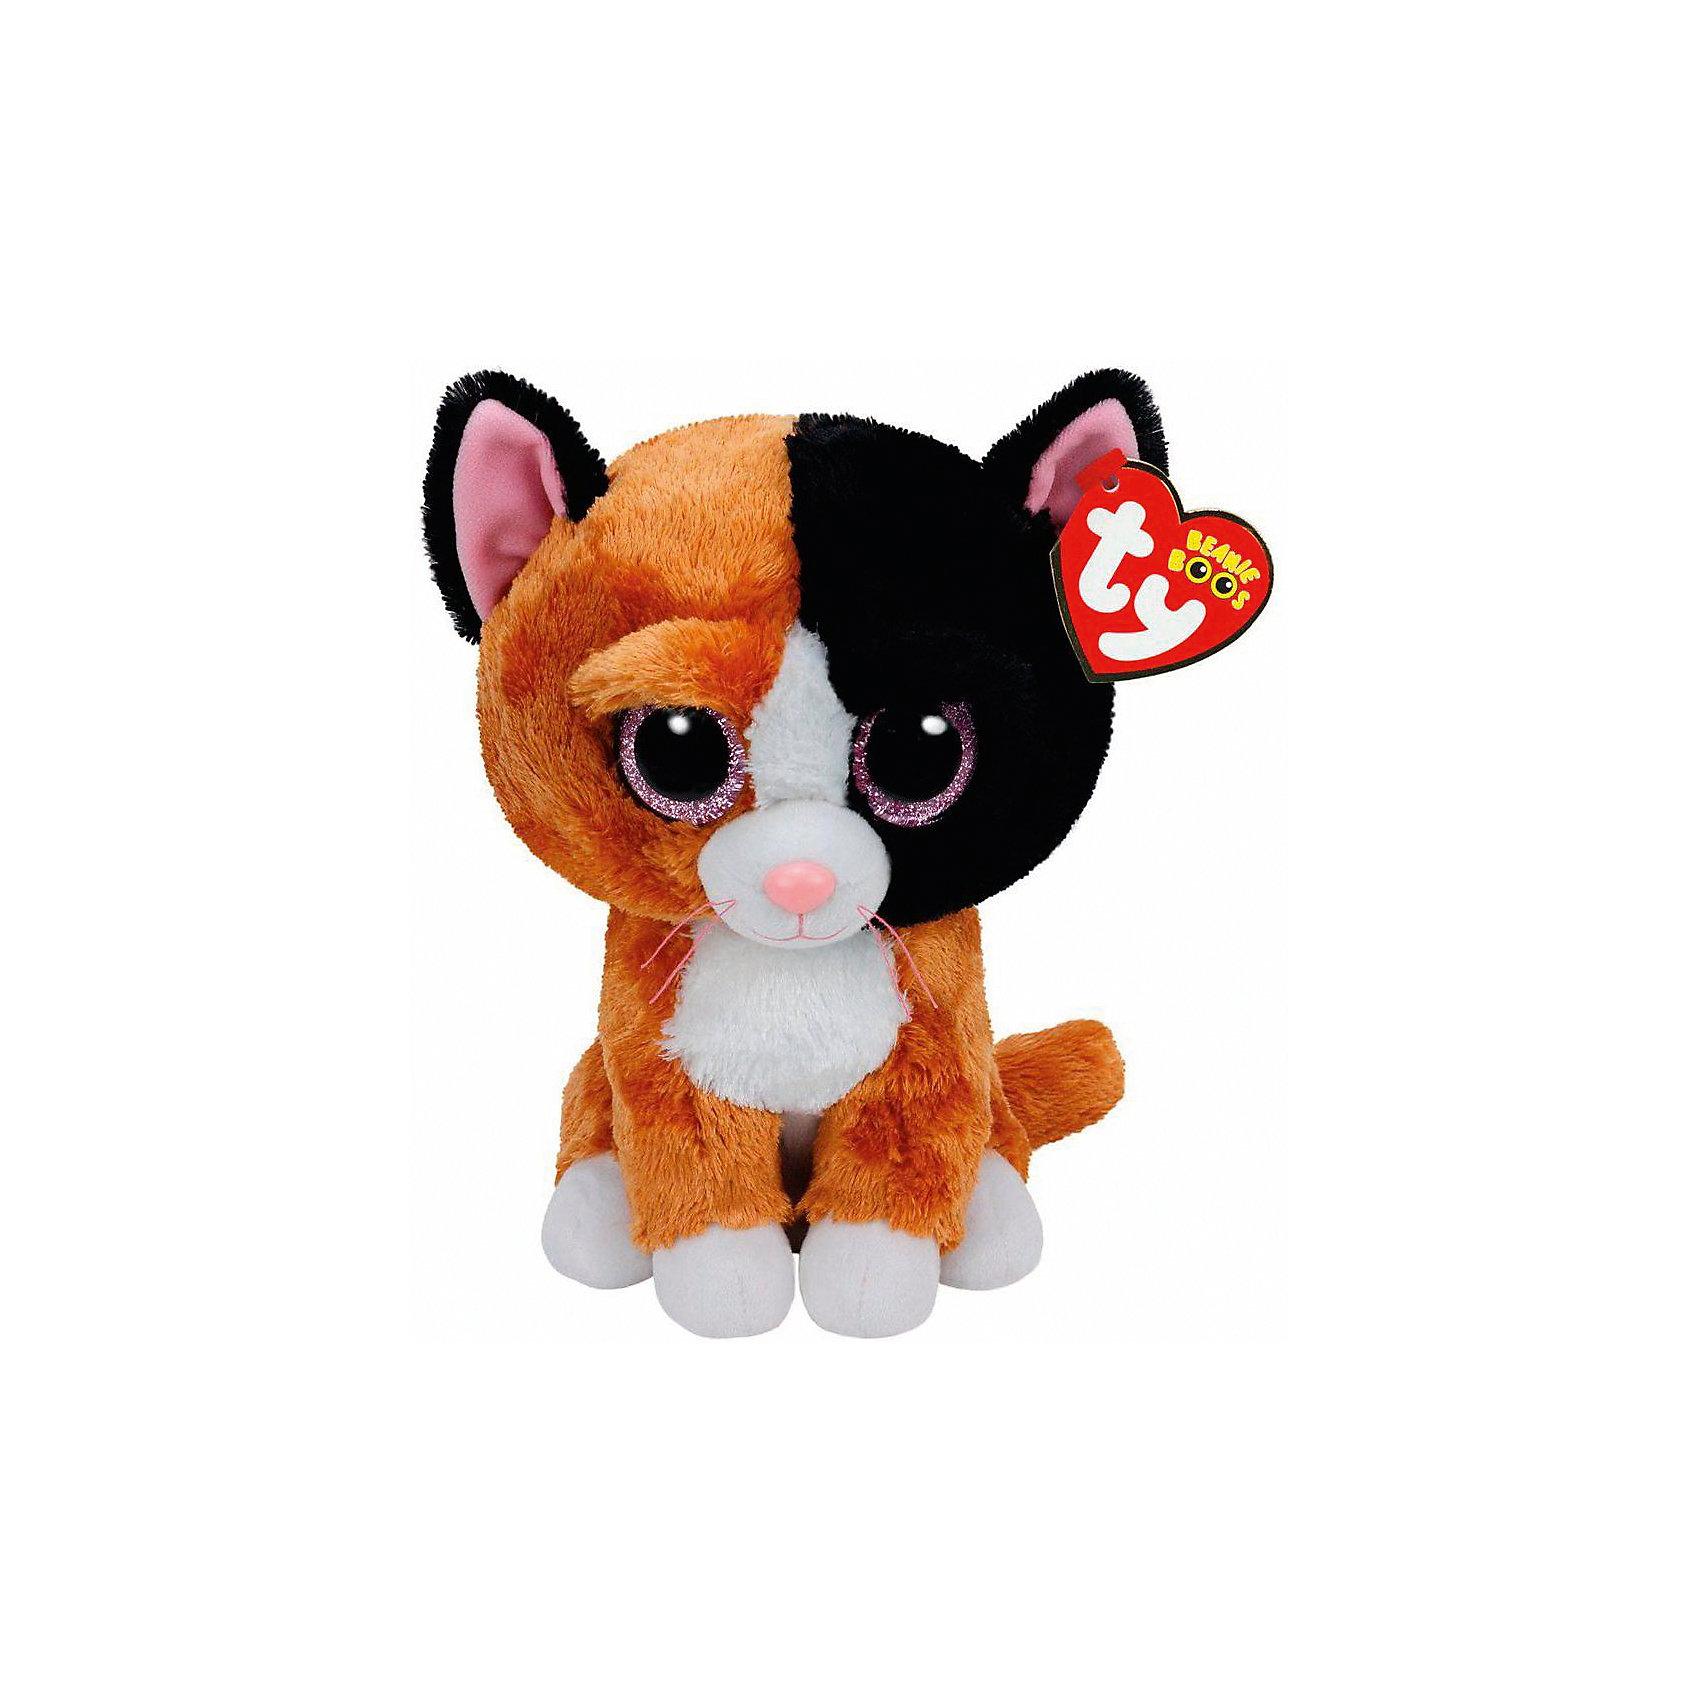 Мягкая игрушка Котенок Tauri, 15 см, Beanie Boos, TyКошки и собаки<br>Мягкая игрушка Котенок Tauri, 15 см, Beanie Boos, Ty (Тай)<br><br>Характеристики:<br><br>• мягкая игрушка приятна на ощупь<br>• способствует развитию мелкой моторики и тактильных навыков<br>• безопасна для ребенка<br>• размер игрушки: 15 см<br>• материал: текстиль, искусственный мех, пластик<br><br>Малыш Tauri очень любит играть и веселиться. Ваш ребенок обязательно сможет придумать для него интересную игру или даже захватывающие приключения. Котенок очень мягкий и приятный на ощупь. А его выразительные глаза, разноцветная шерстка и милая улыбка порадуют и детей, и взрослых! Игрушка изготовлена из безопасных для ребенка материалов. Способствует развитию моторики руки, речевых и тактильных навыков.<br><br>Мягкую игрушку Котенок Tauri, 15 см, Beanie Boos, Ty (Тай) можно купить в нашем интернет-магазине.<br><br>Ширина мм: 147<br>Глубина мм: 99<br>Высота мм: 85<br>Вес г: 90<br>Возраст от месяцев: 12<br>Возраст до месяцев: 60<br>Пол: Женский<br>Возраст: Детский<br>SKU: 4386723